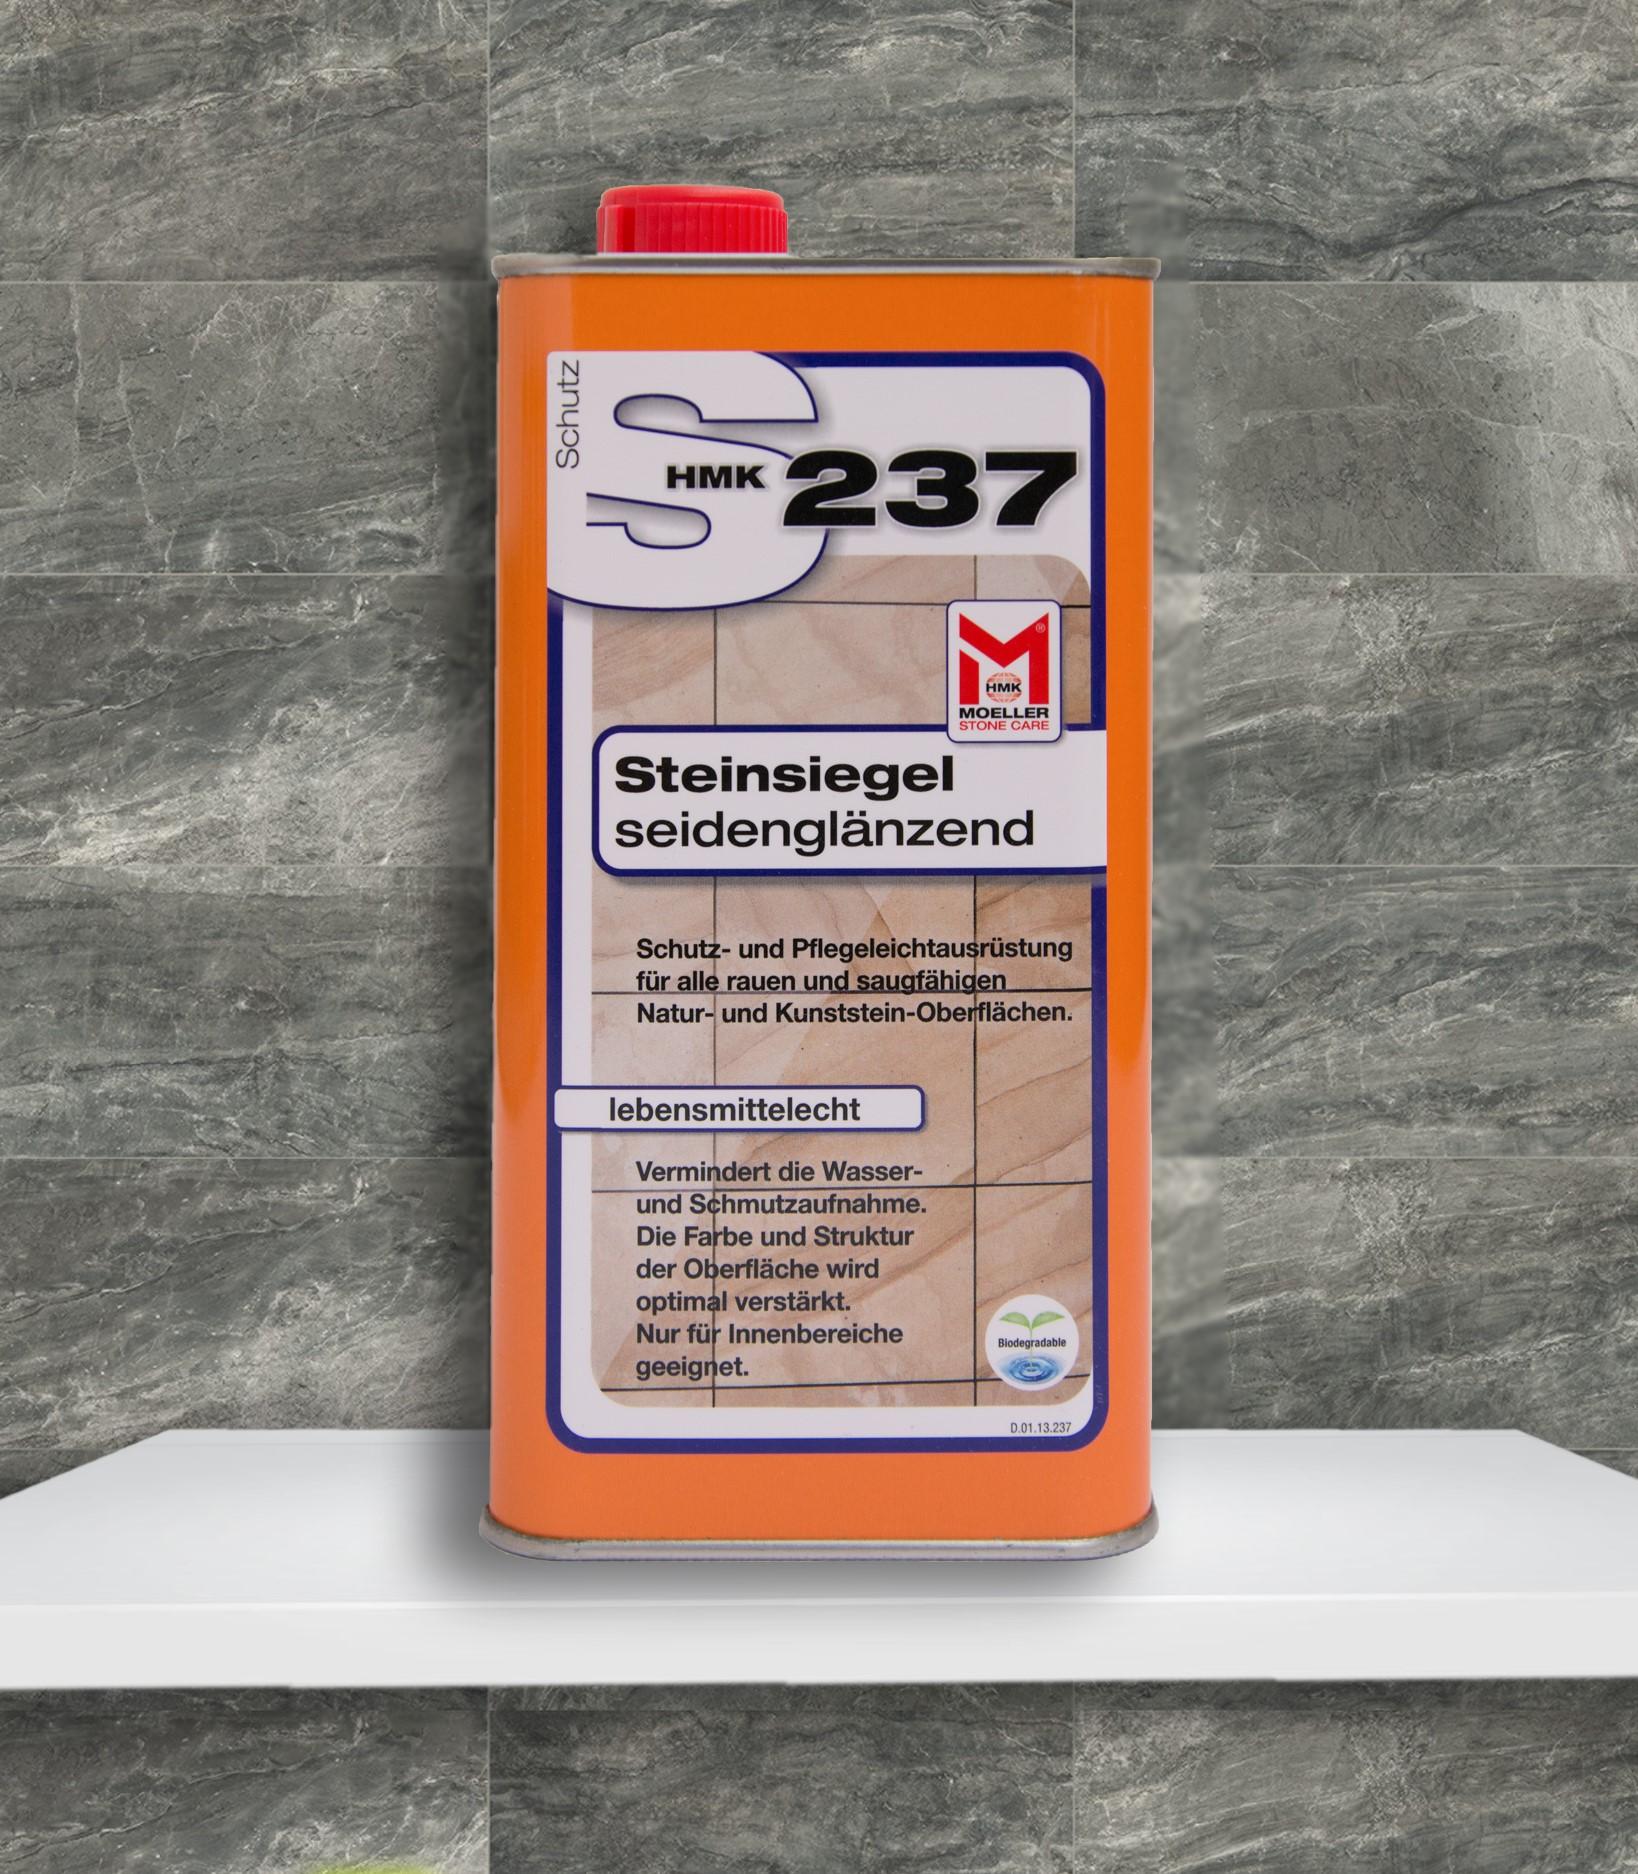 HMK S237 Steinsiegel - seidenglänzend